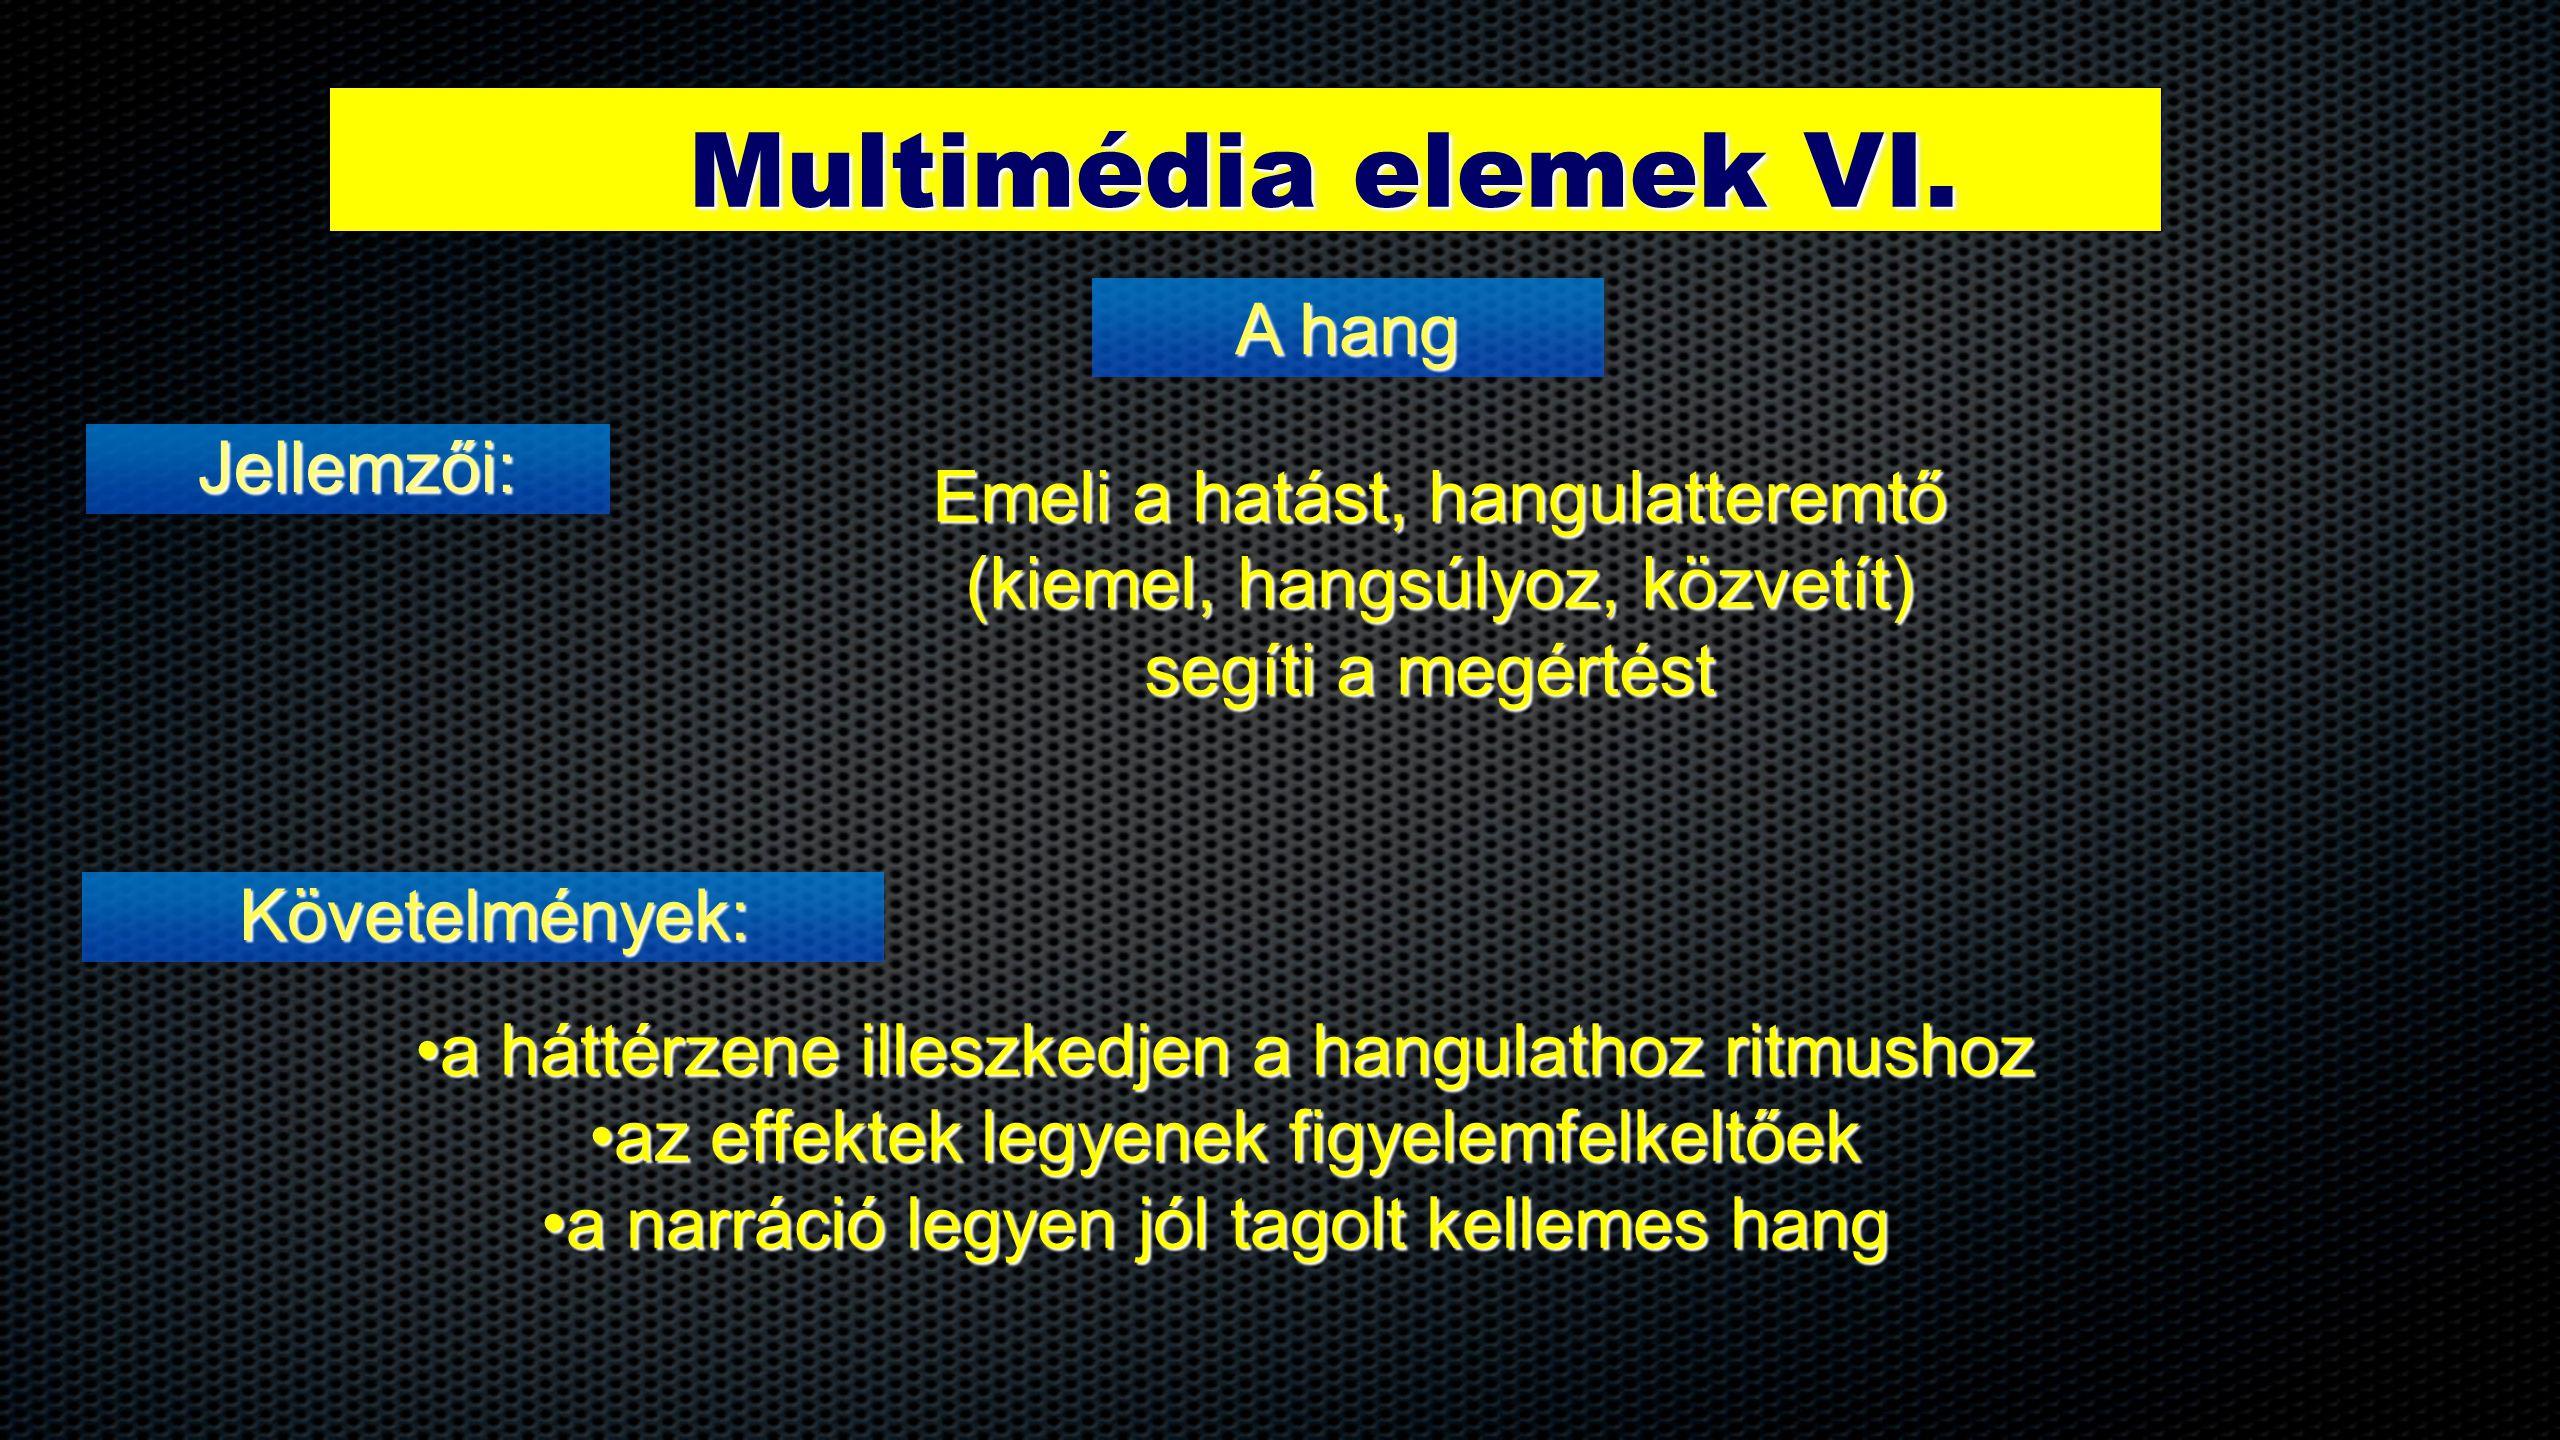 Multimédia elemek VI. Jellemzői: A hang Követelmények: Emeli a hatást, hangulatteremtő (kiemel, hangsúlyoz, közvetít) segíti a megértést •a háttérzene